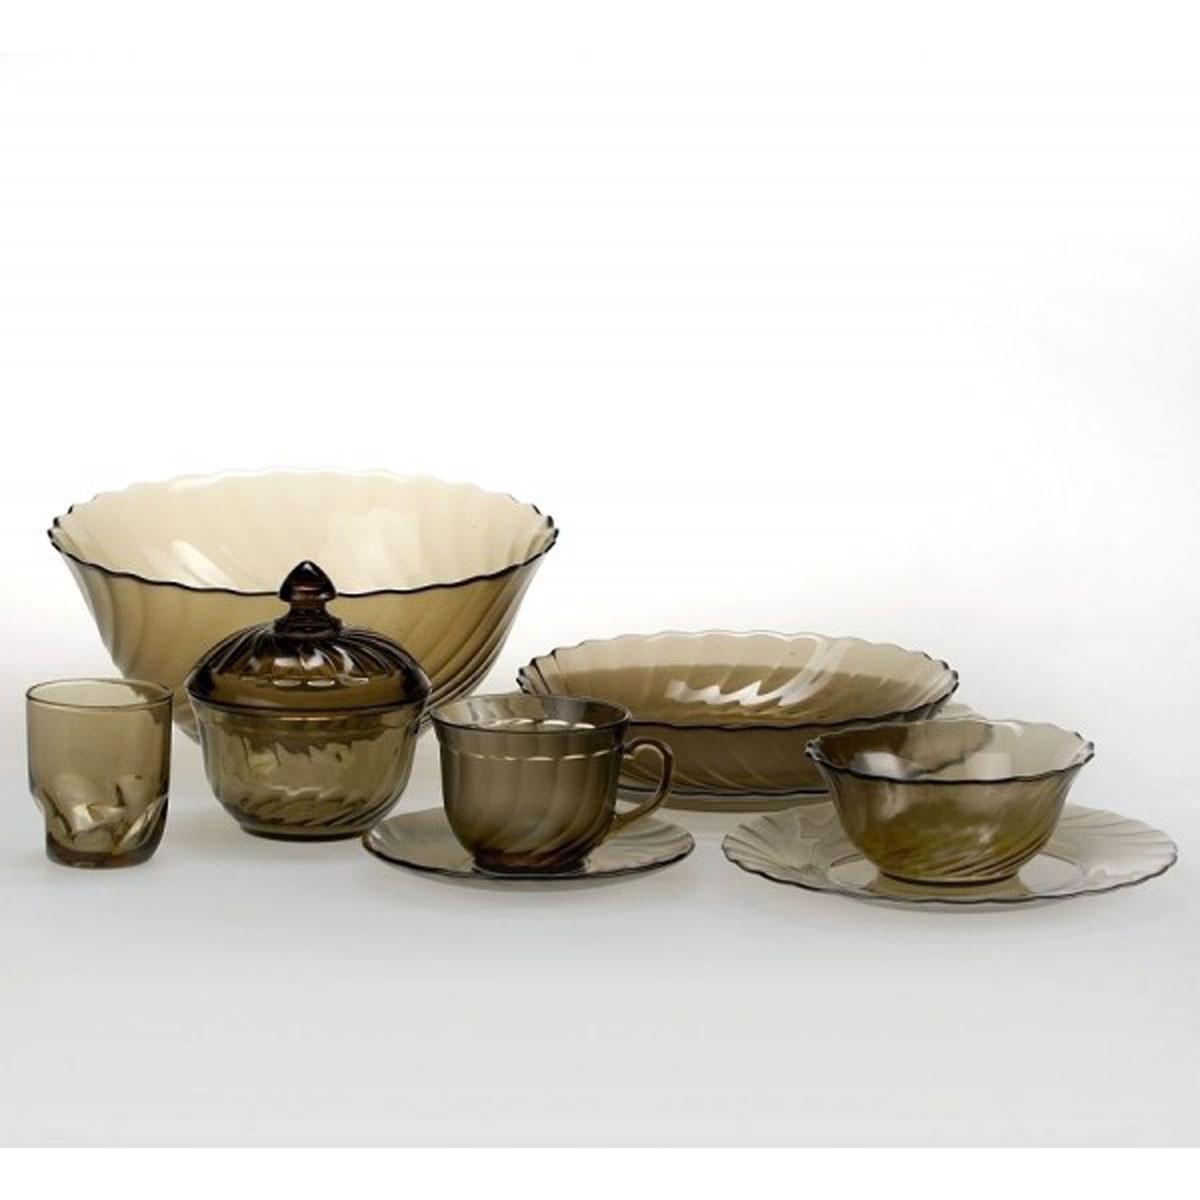 Набор столовой посуды Luminarc Ocean Eclipse, 44 предметаH0250Набор Luminarc Ocean Eclipse состоит из 6 суповых тарелок, 6 обеденных тарелок, 6 десертных тарелок, глубокого салатника, 6 малых салатников, сахарницы, 6 чашек, 6 блюдец, 6 стаканов. Изделия выполнены из ударопрочного стекла, имеют яркий дизайн с рельефным рисунком по краям и классическую круглую форму. Посуда отличается прочностью, гигиеничностью и долгим сроком службы, она устойчива к появлению царапин и резким перепадам температур. Такой набор прекрасно подойдет как для повседневного использования, так и для праздников или особенных случаев. Набор столовой посуды Luminarc Ocean Eclipse - это не только яркий и полезный подарок для родных и близких, а также великолепное дизайнерское решение для вашей кухни или столовой. Можно мыть в посудомоечной машине и использовать в микроволновой печи. Диаметр суповой тарелки: 20 см. Высота суповой тарелки: 4,5 см. Диаметр обеденной тарелки: 24 см. Высота обеденной...